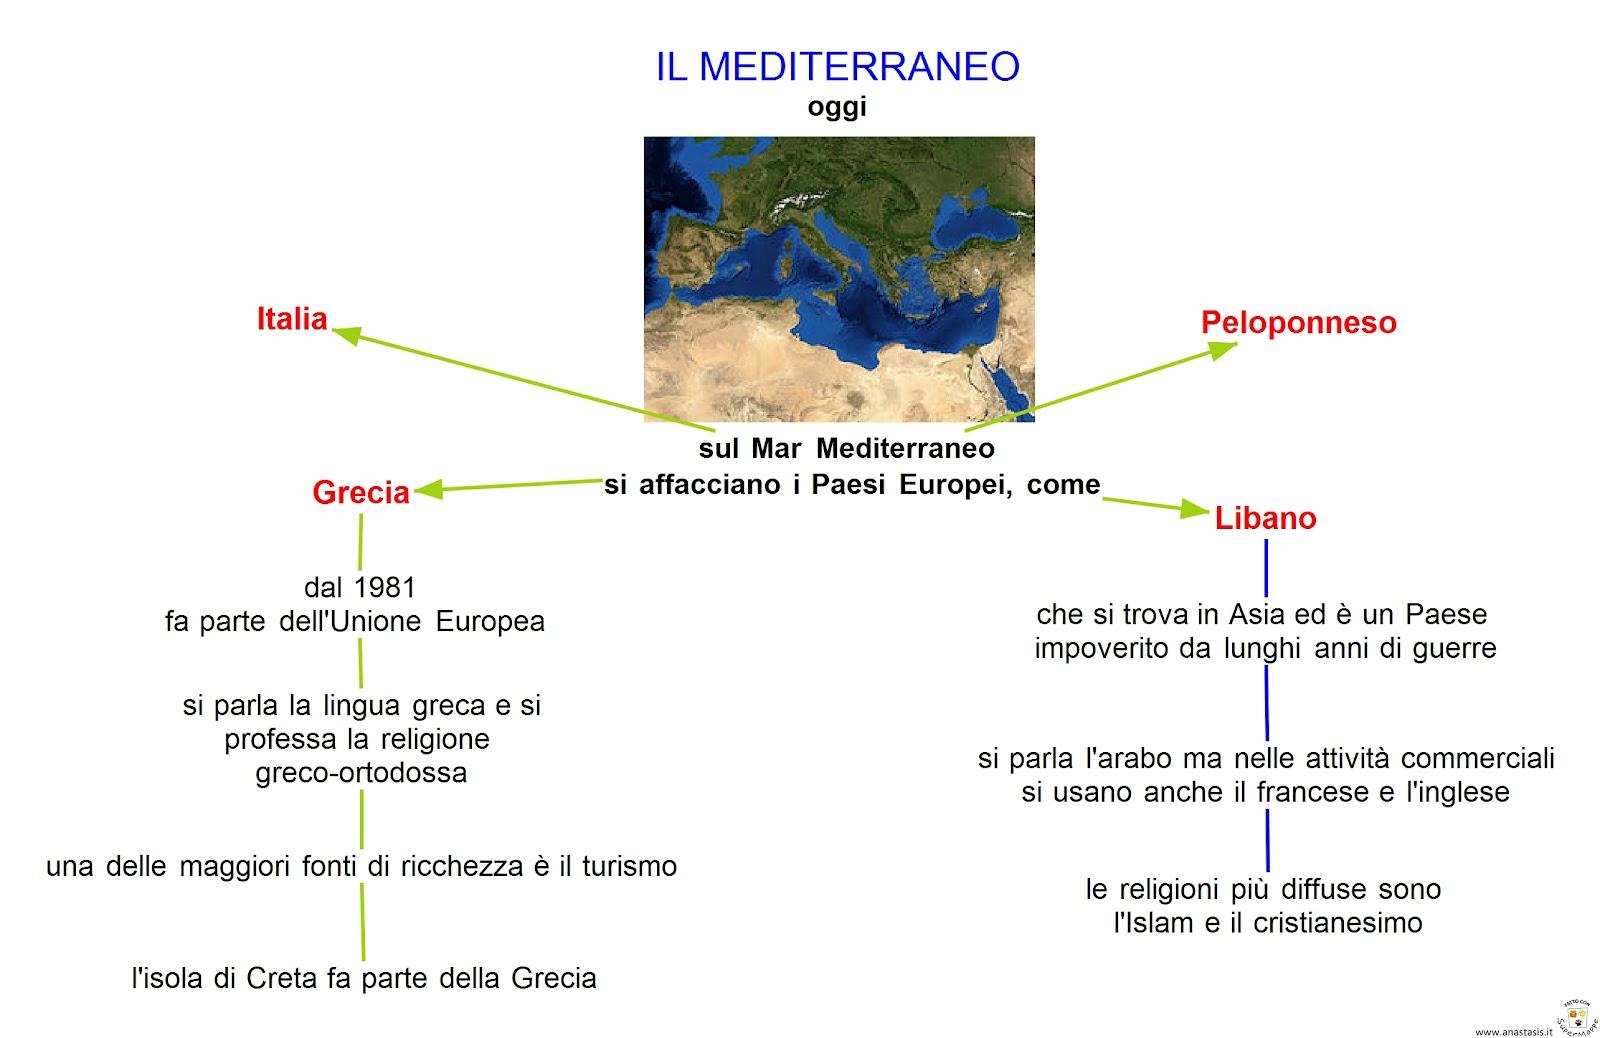 Il mediterraneo oggi - civiltà del mare